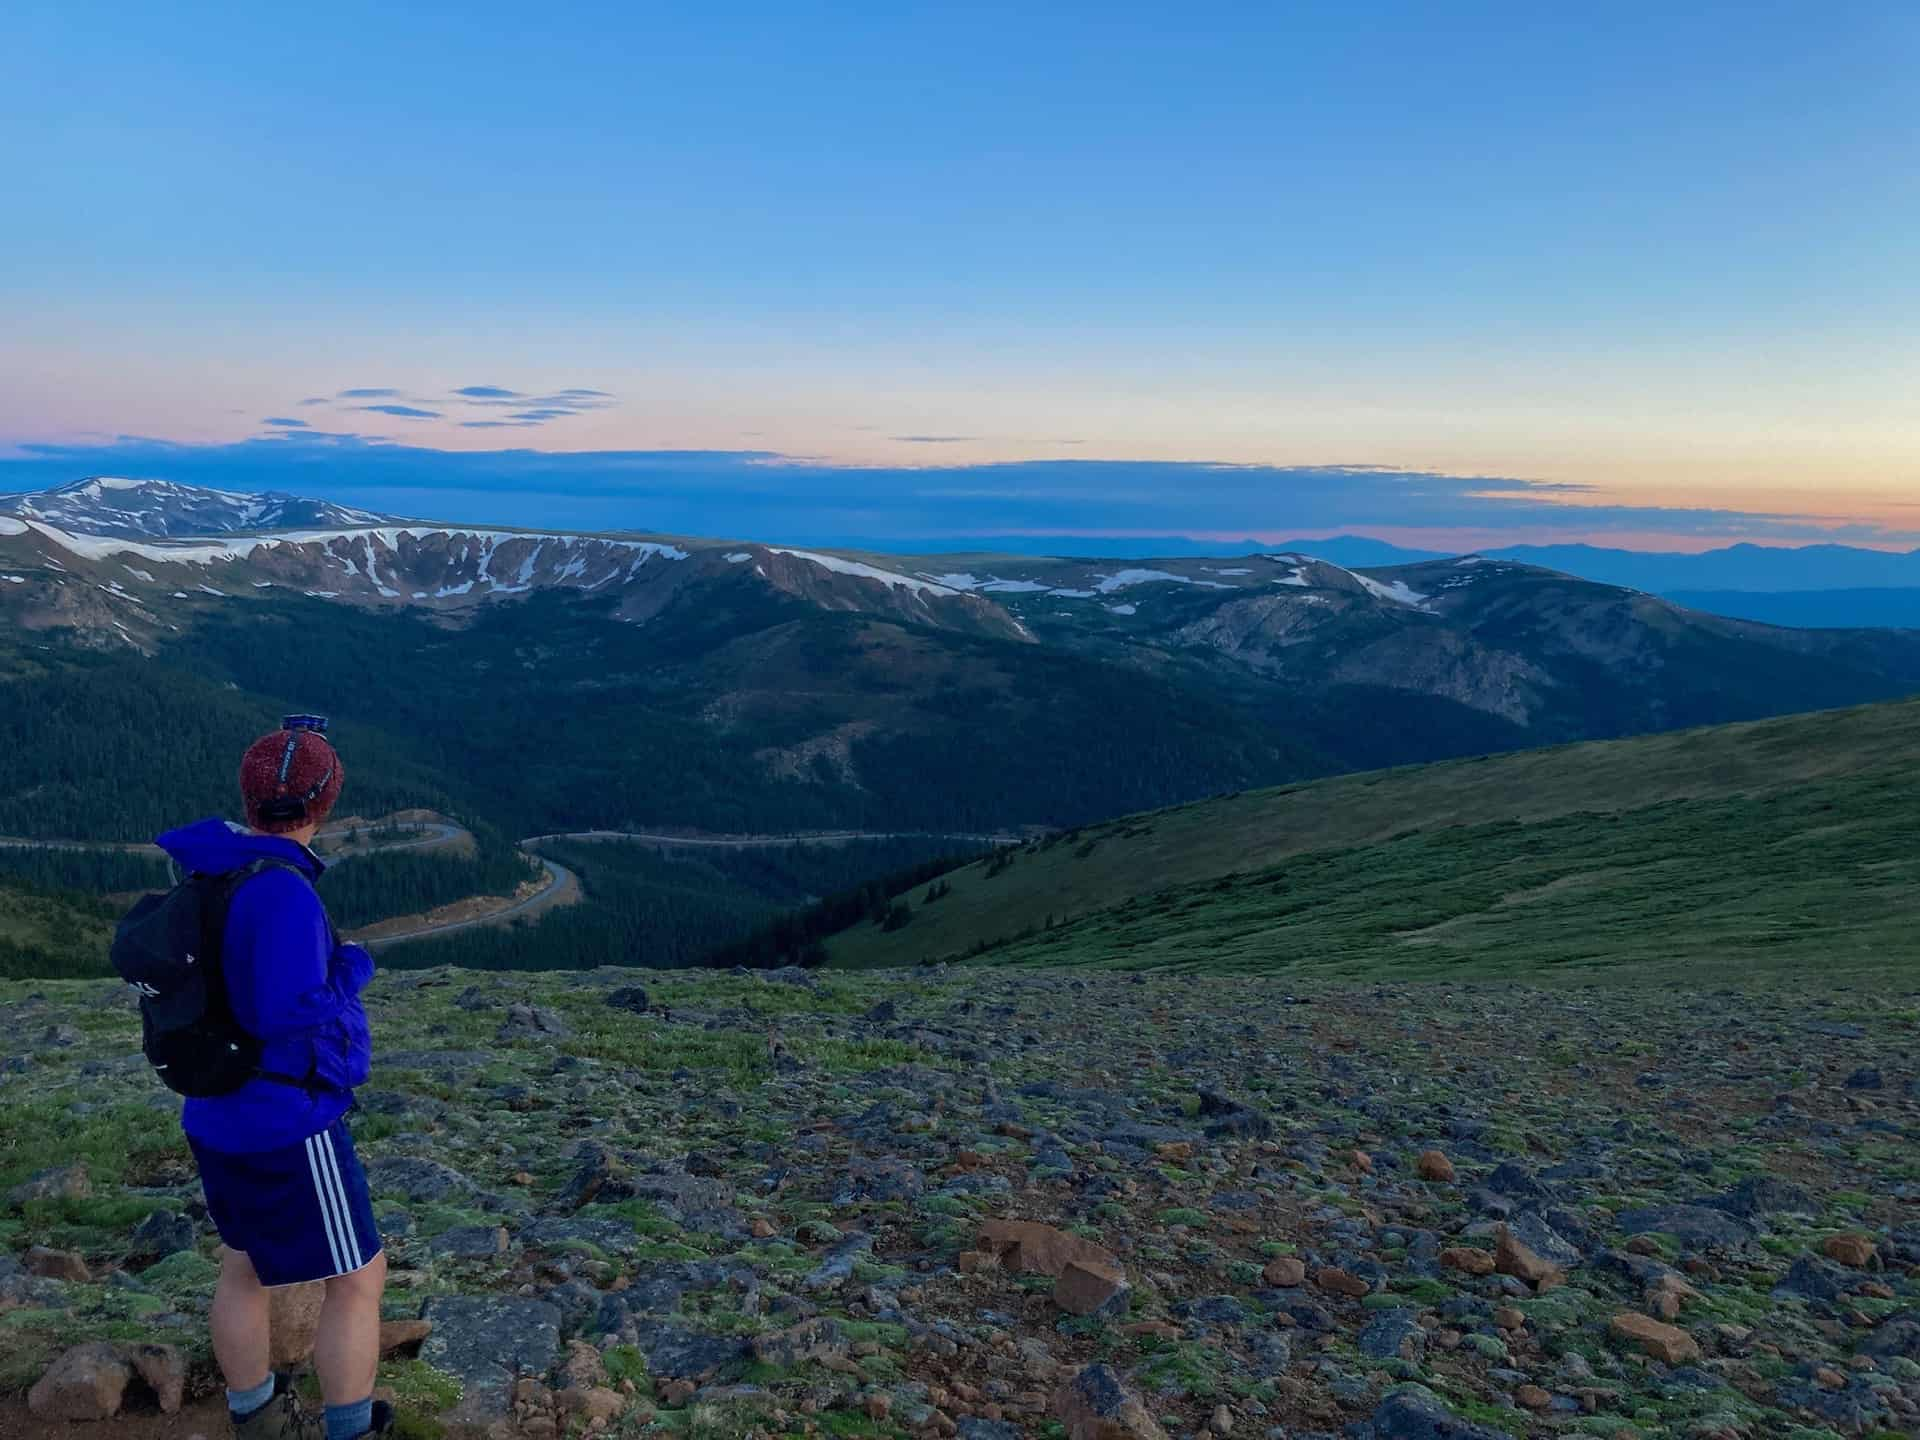 mt. flora trail ridge